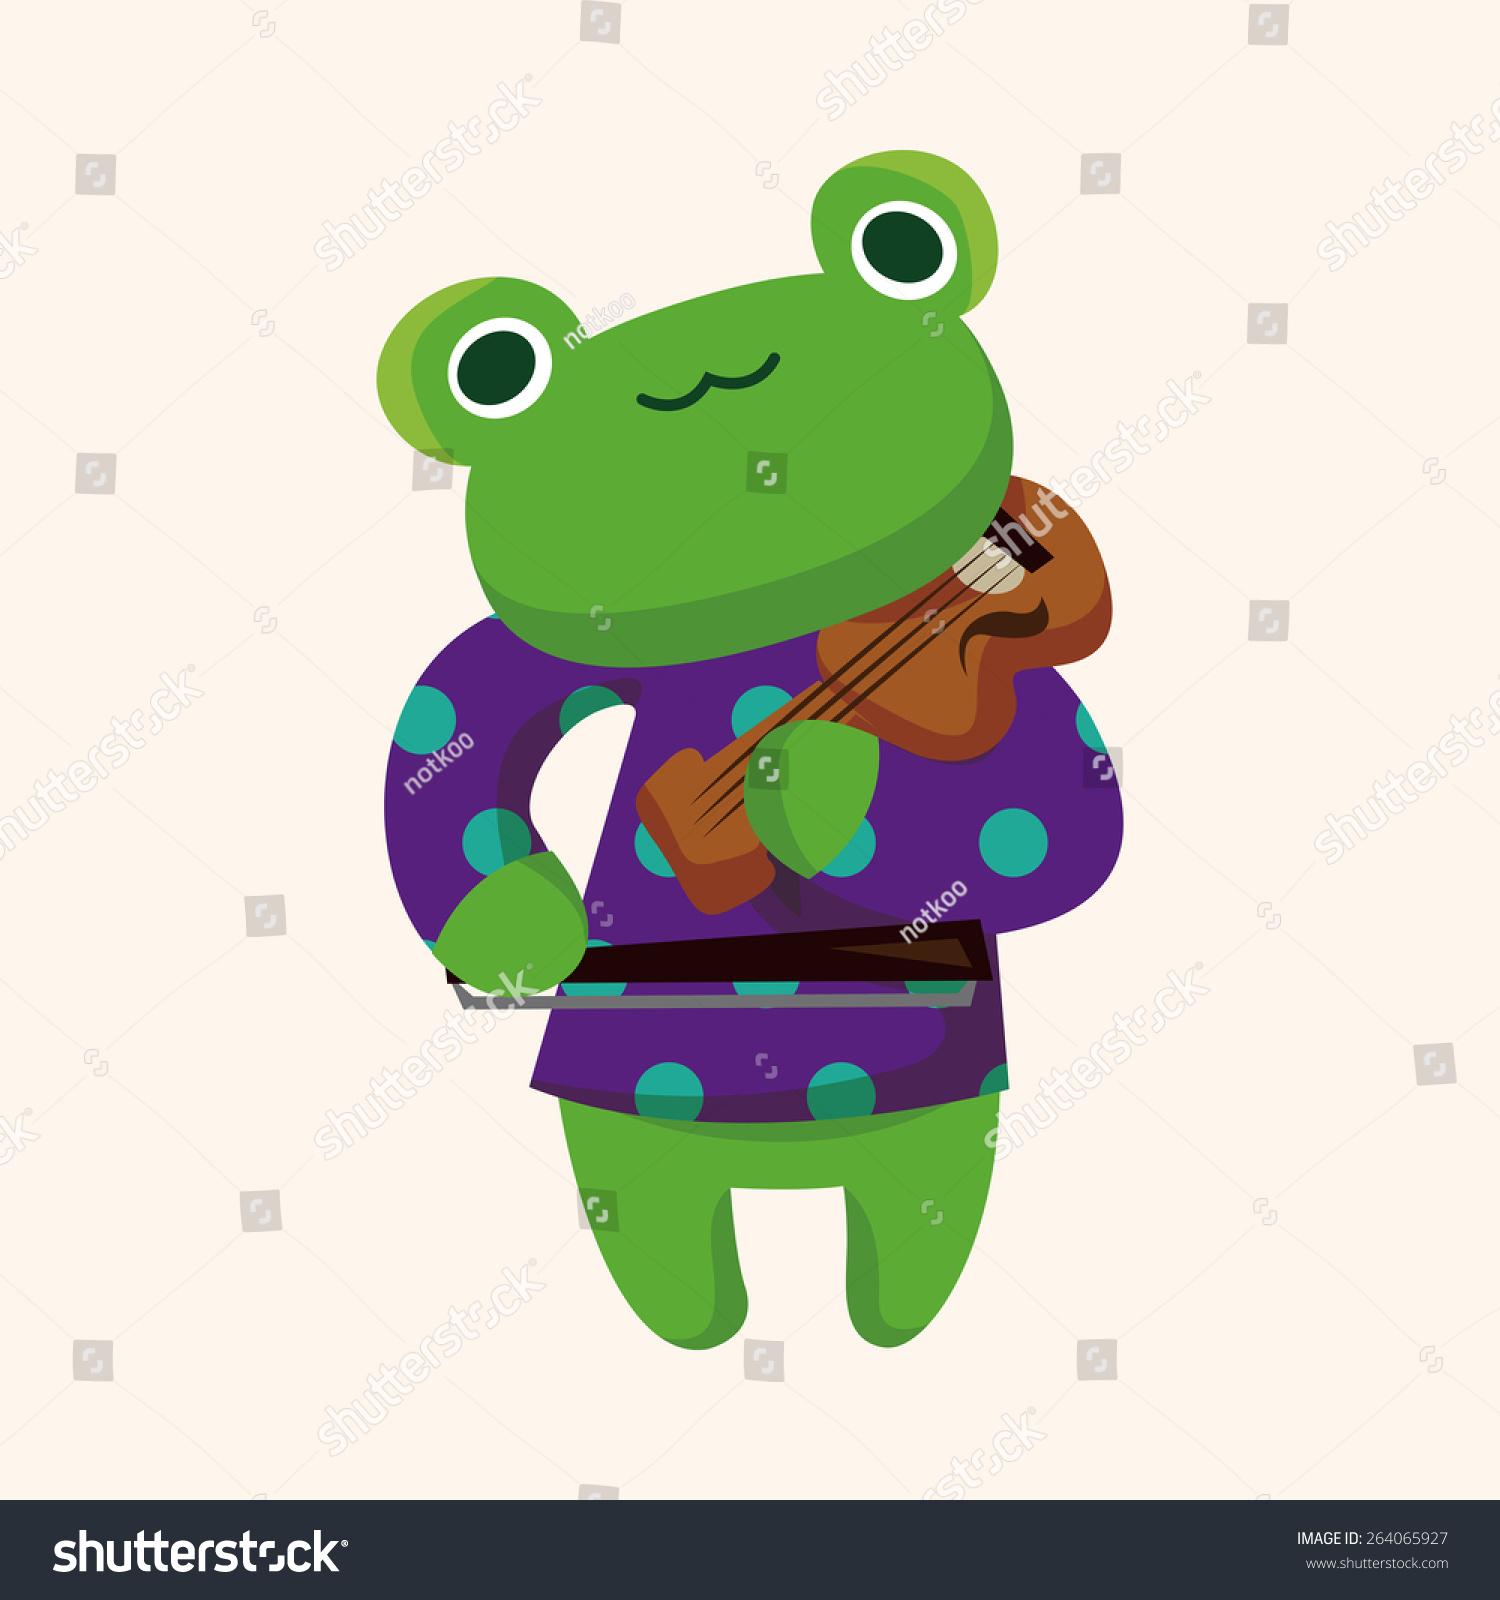 动物青蛙玩乐器卡通主题元素-动物/野生生物